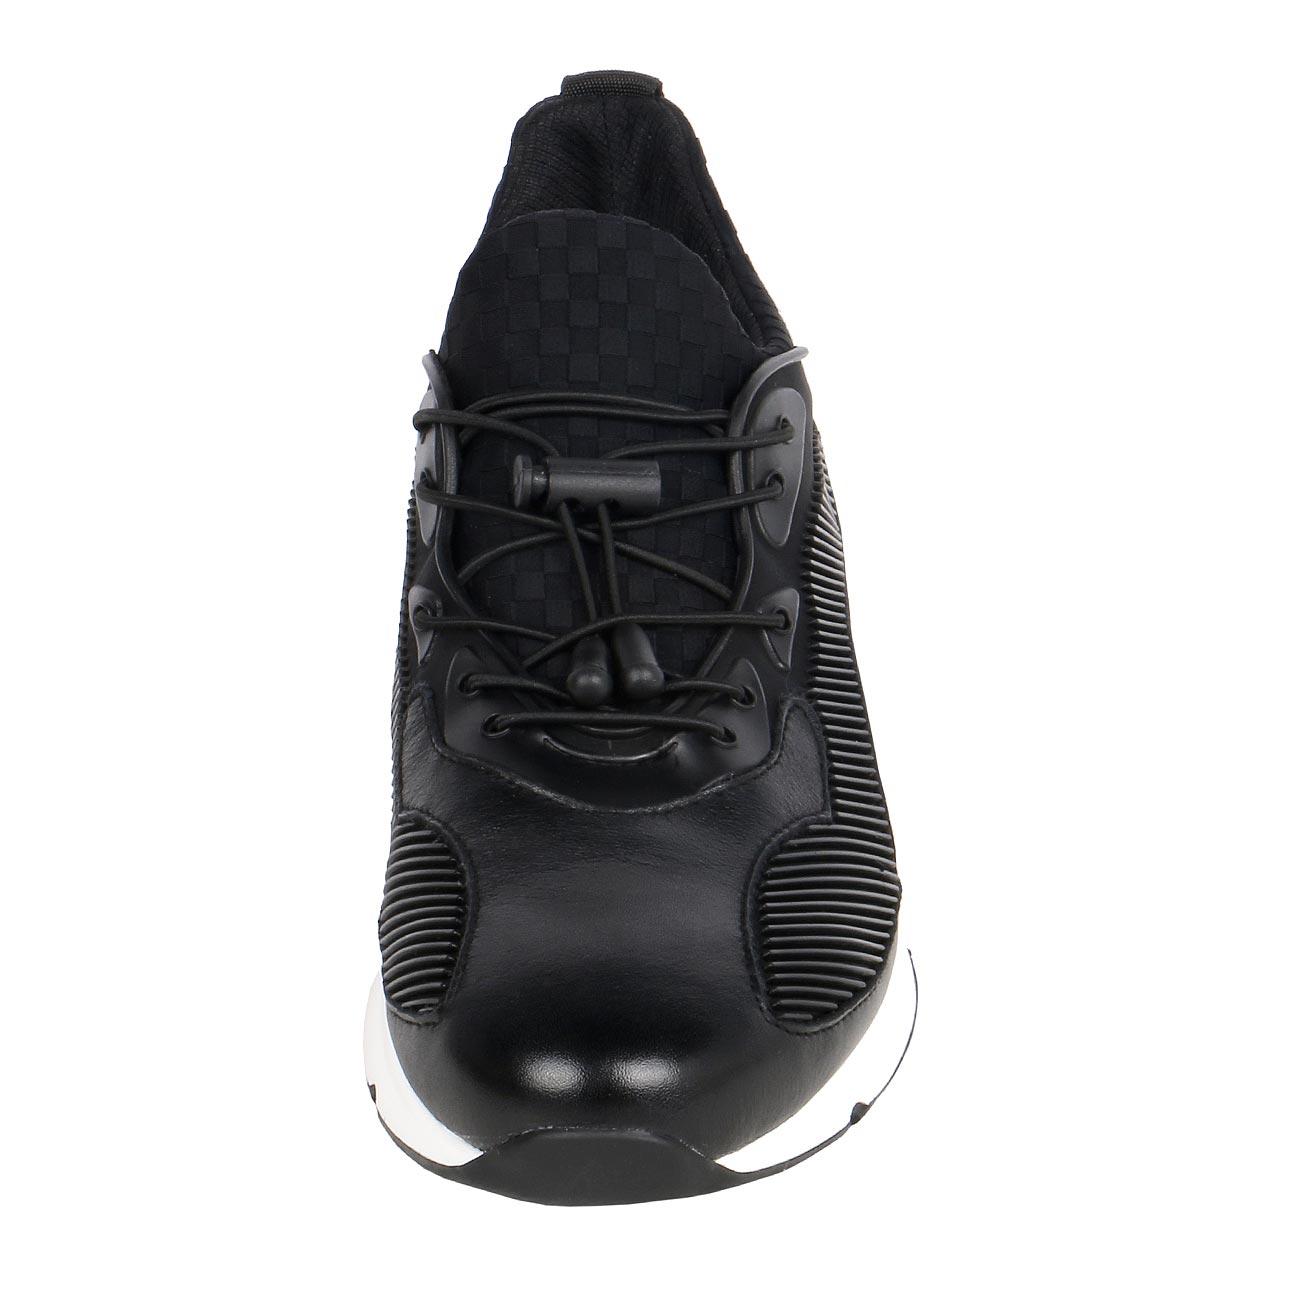 Men's Outdoor Tennis Shoe Adding Height-2